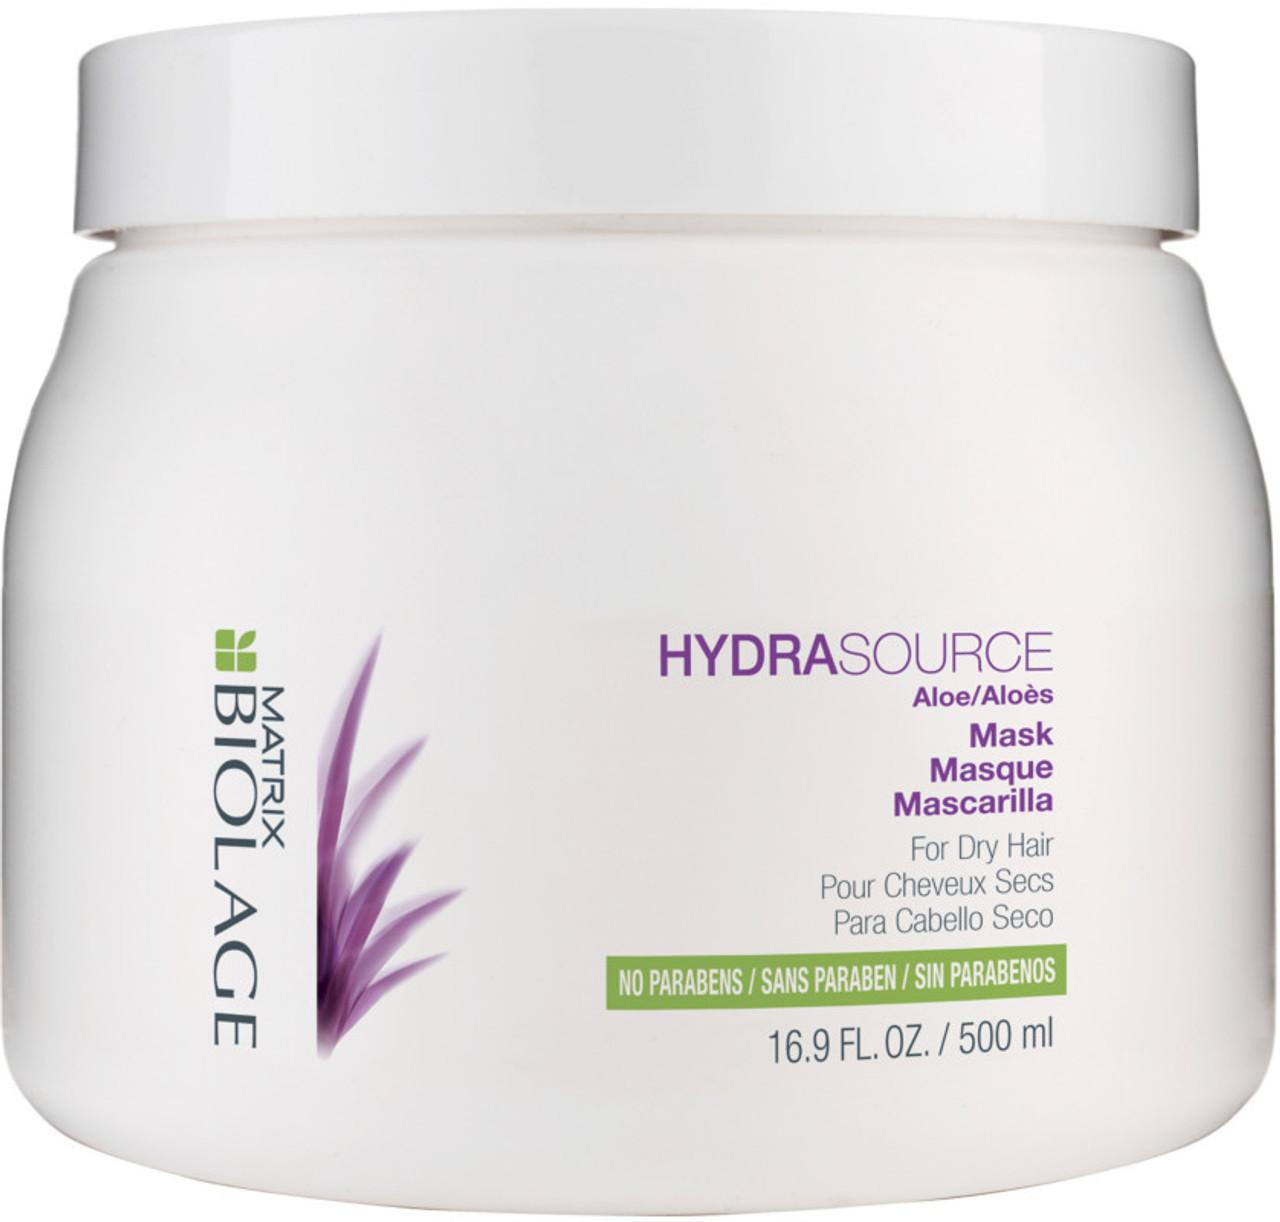 Biolage Hydrasource Masque 16.9 oz